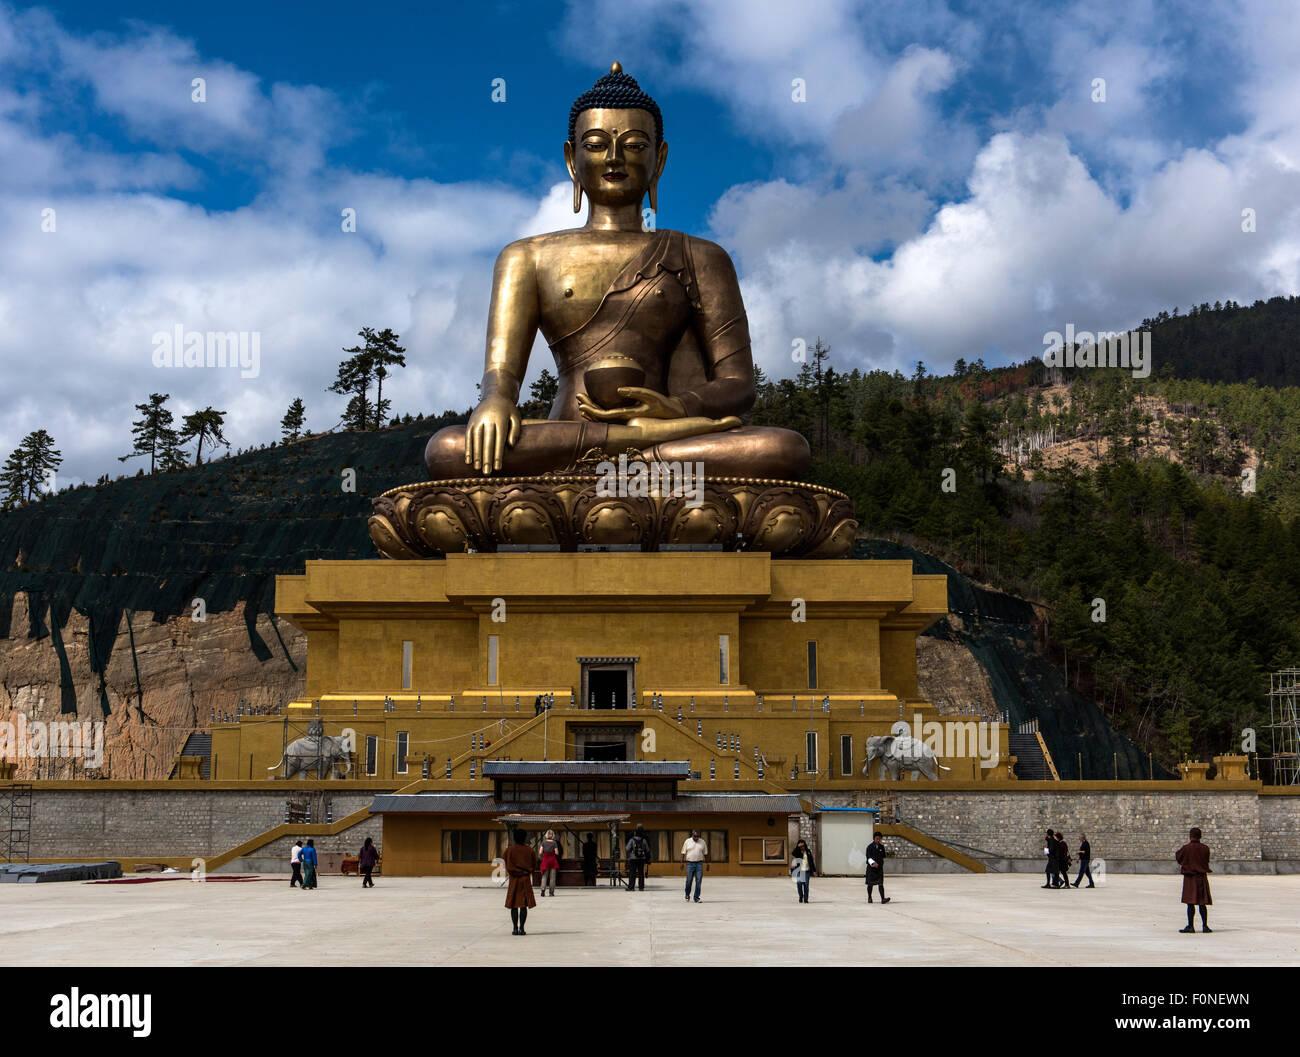 Buddha Dordenma statue Thimpu Bhutan - Stock Image